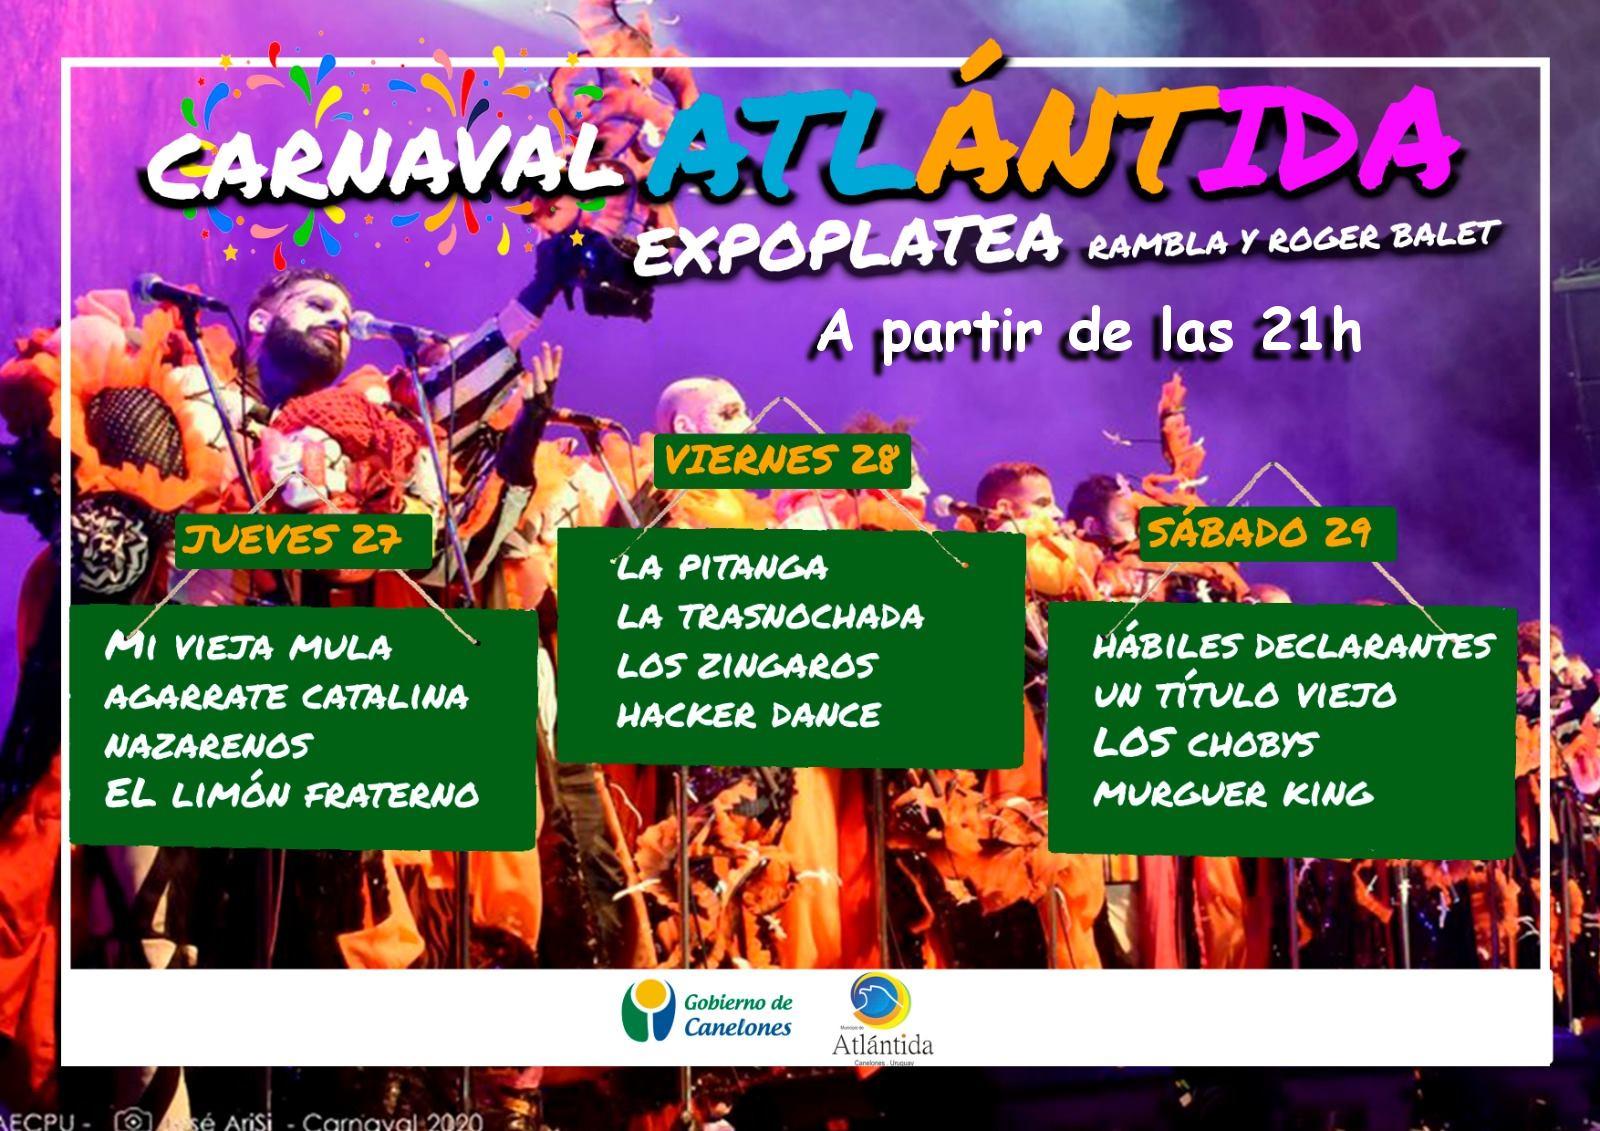 Carnaval en la Expoplatea de Atlántida. 27, 28 y 29 de Febrero 21h.